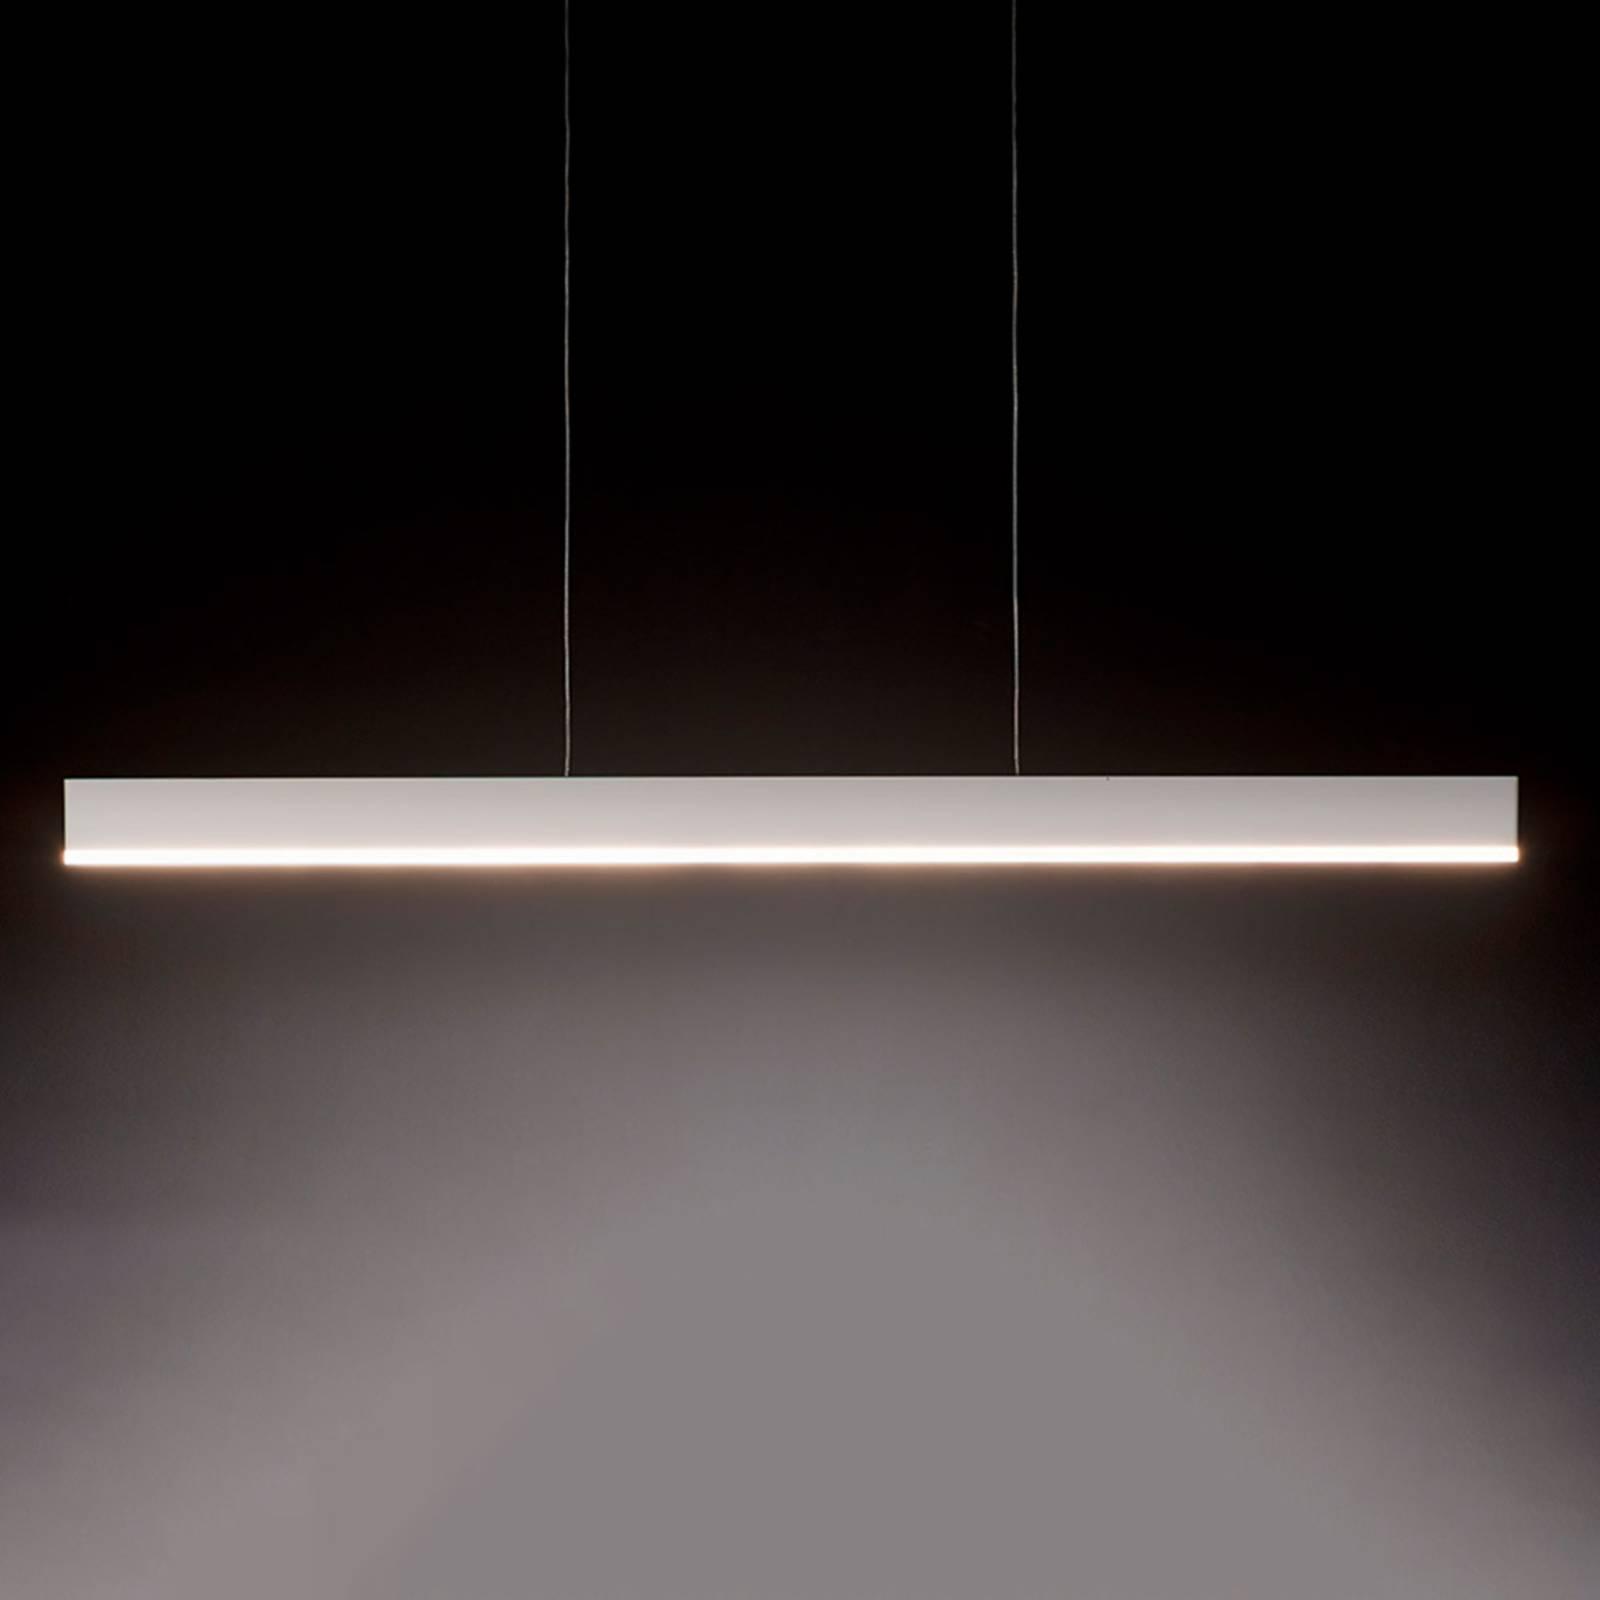 LED-riippuvalaisin Riga, 160 cm